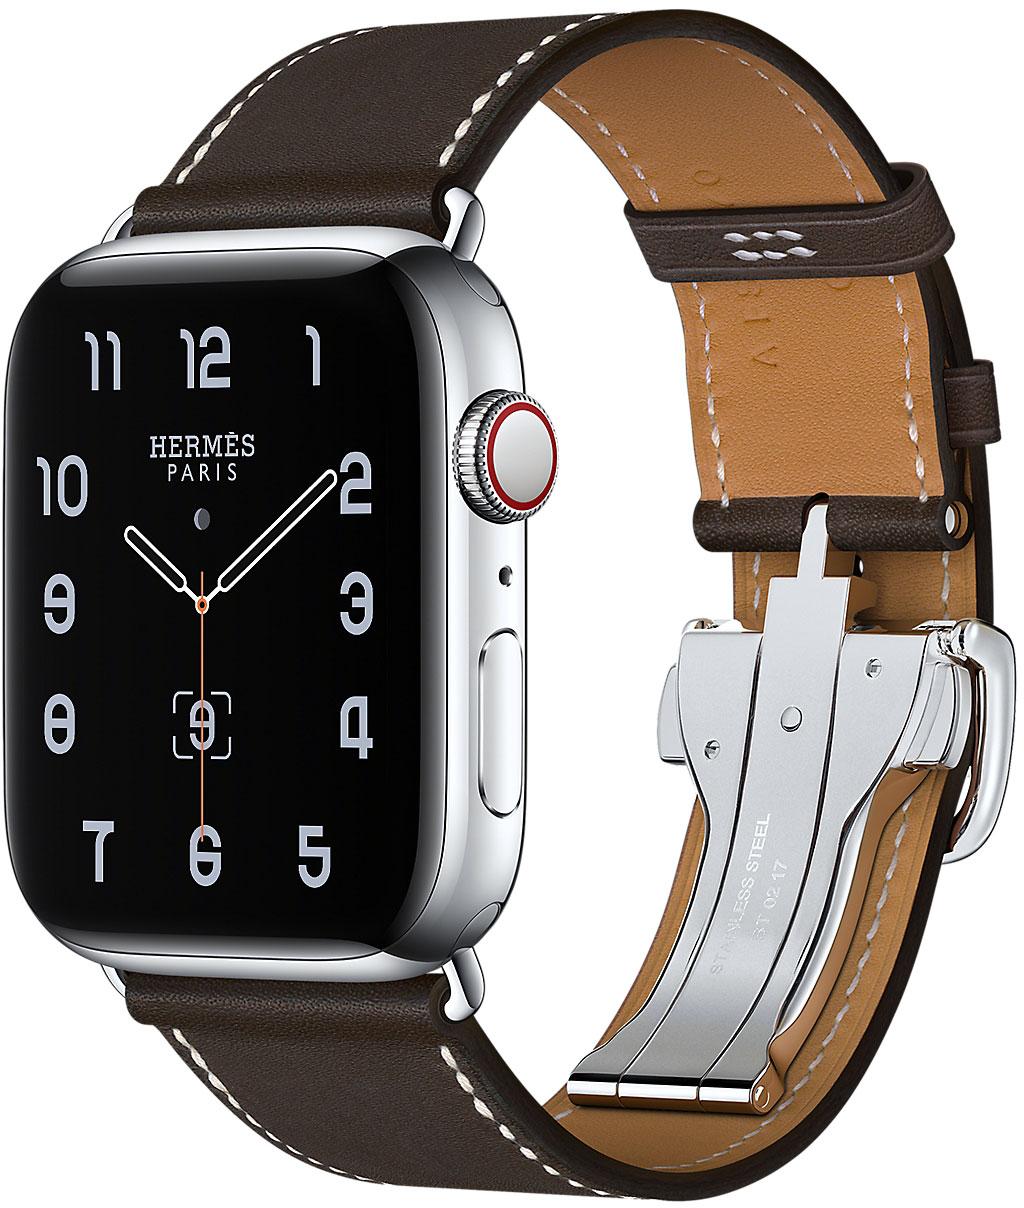 Series6 apple watch HERMES